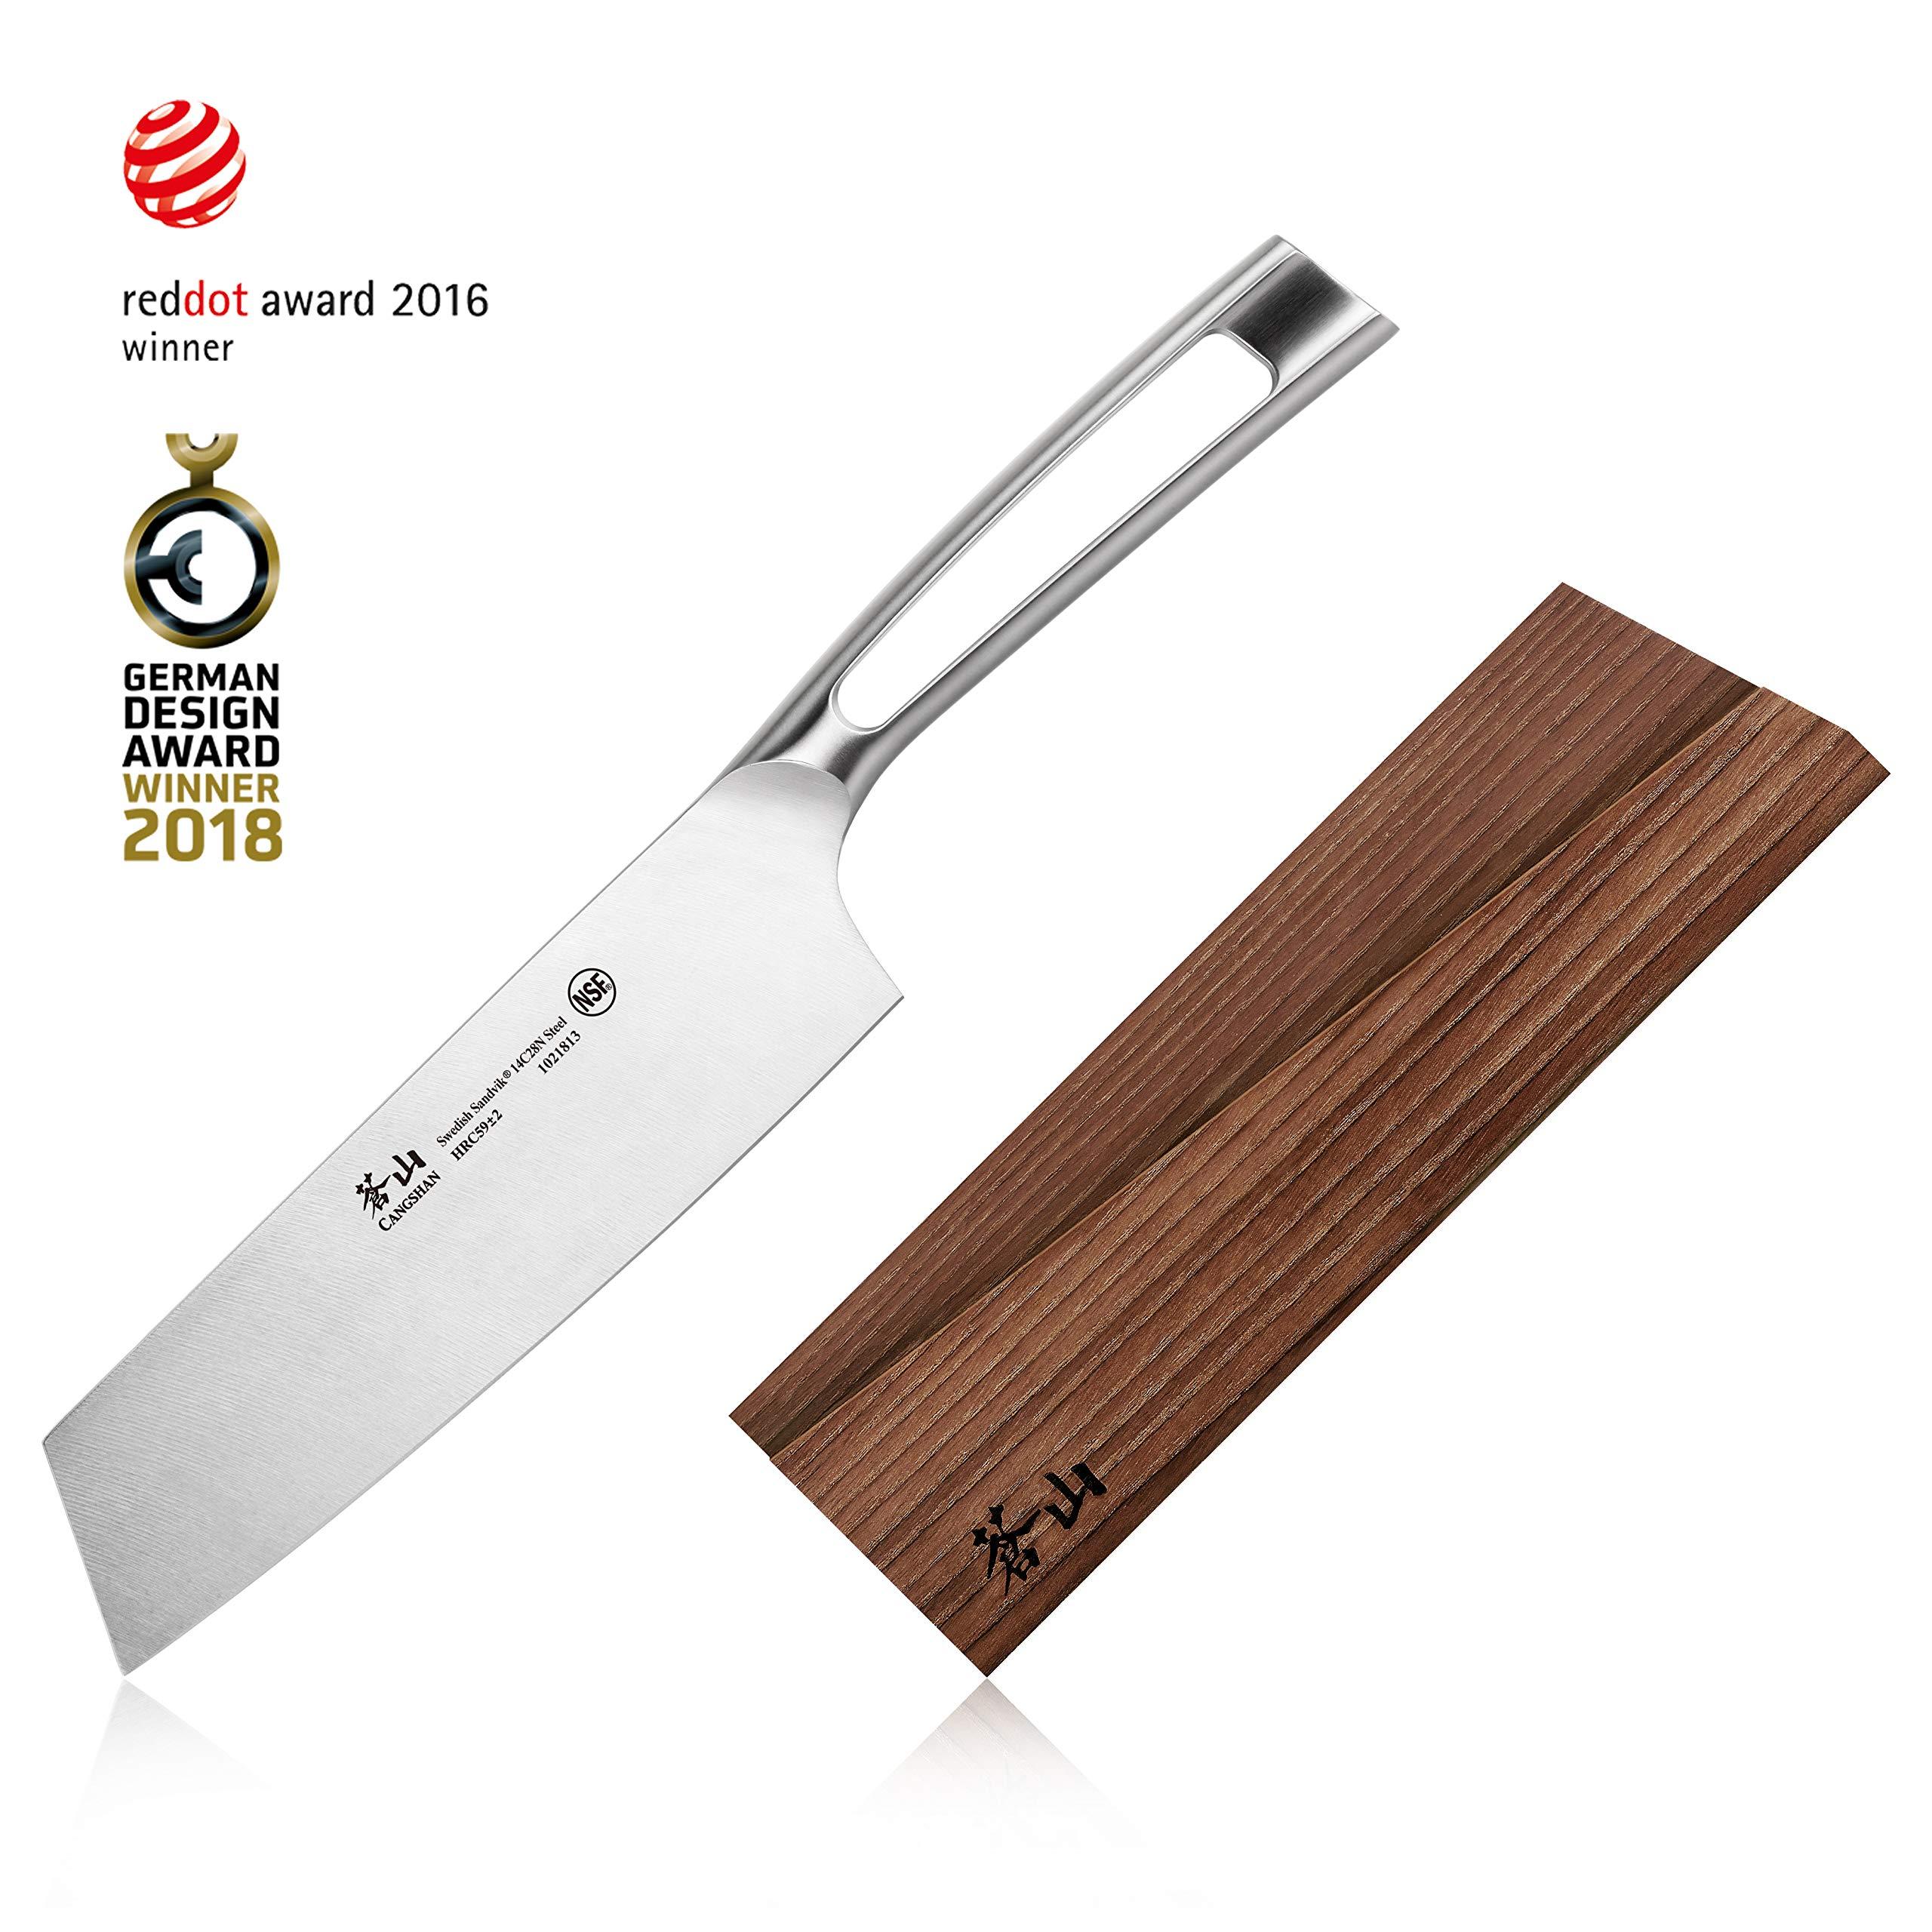 Cangshan TN1 Series 1021820 Swedish Sandvik 14C28N Steel Forged 7-Inch Nakiri Knife and Wood Sheath Set